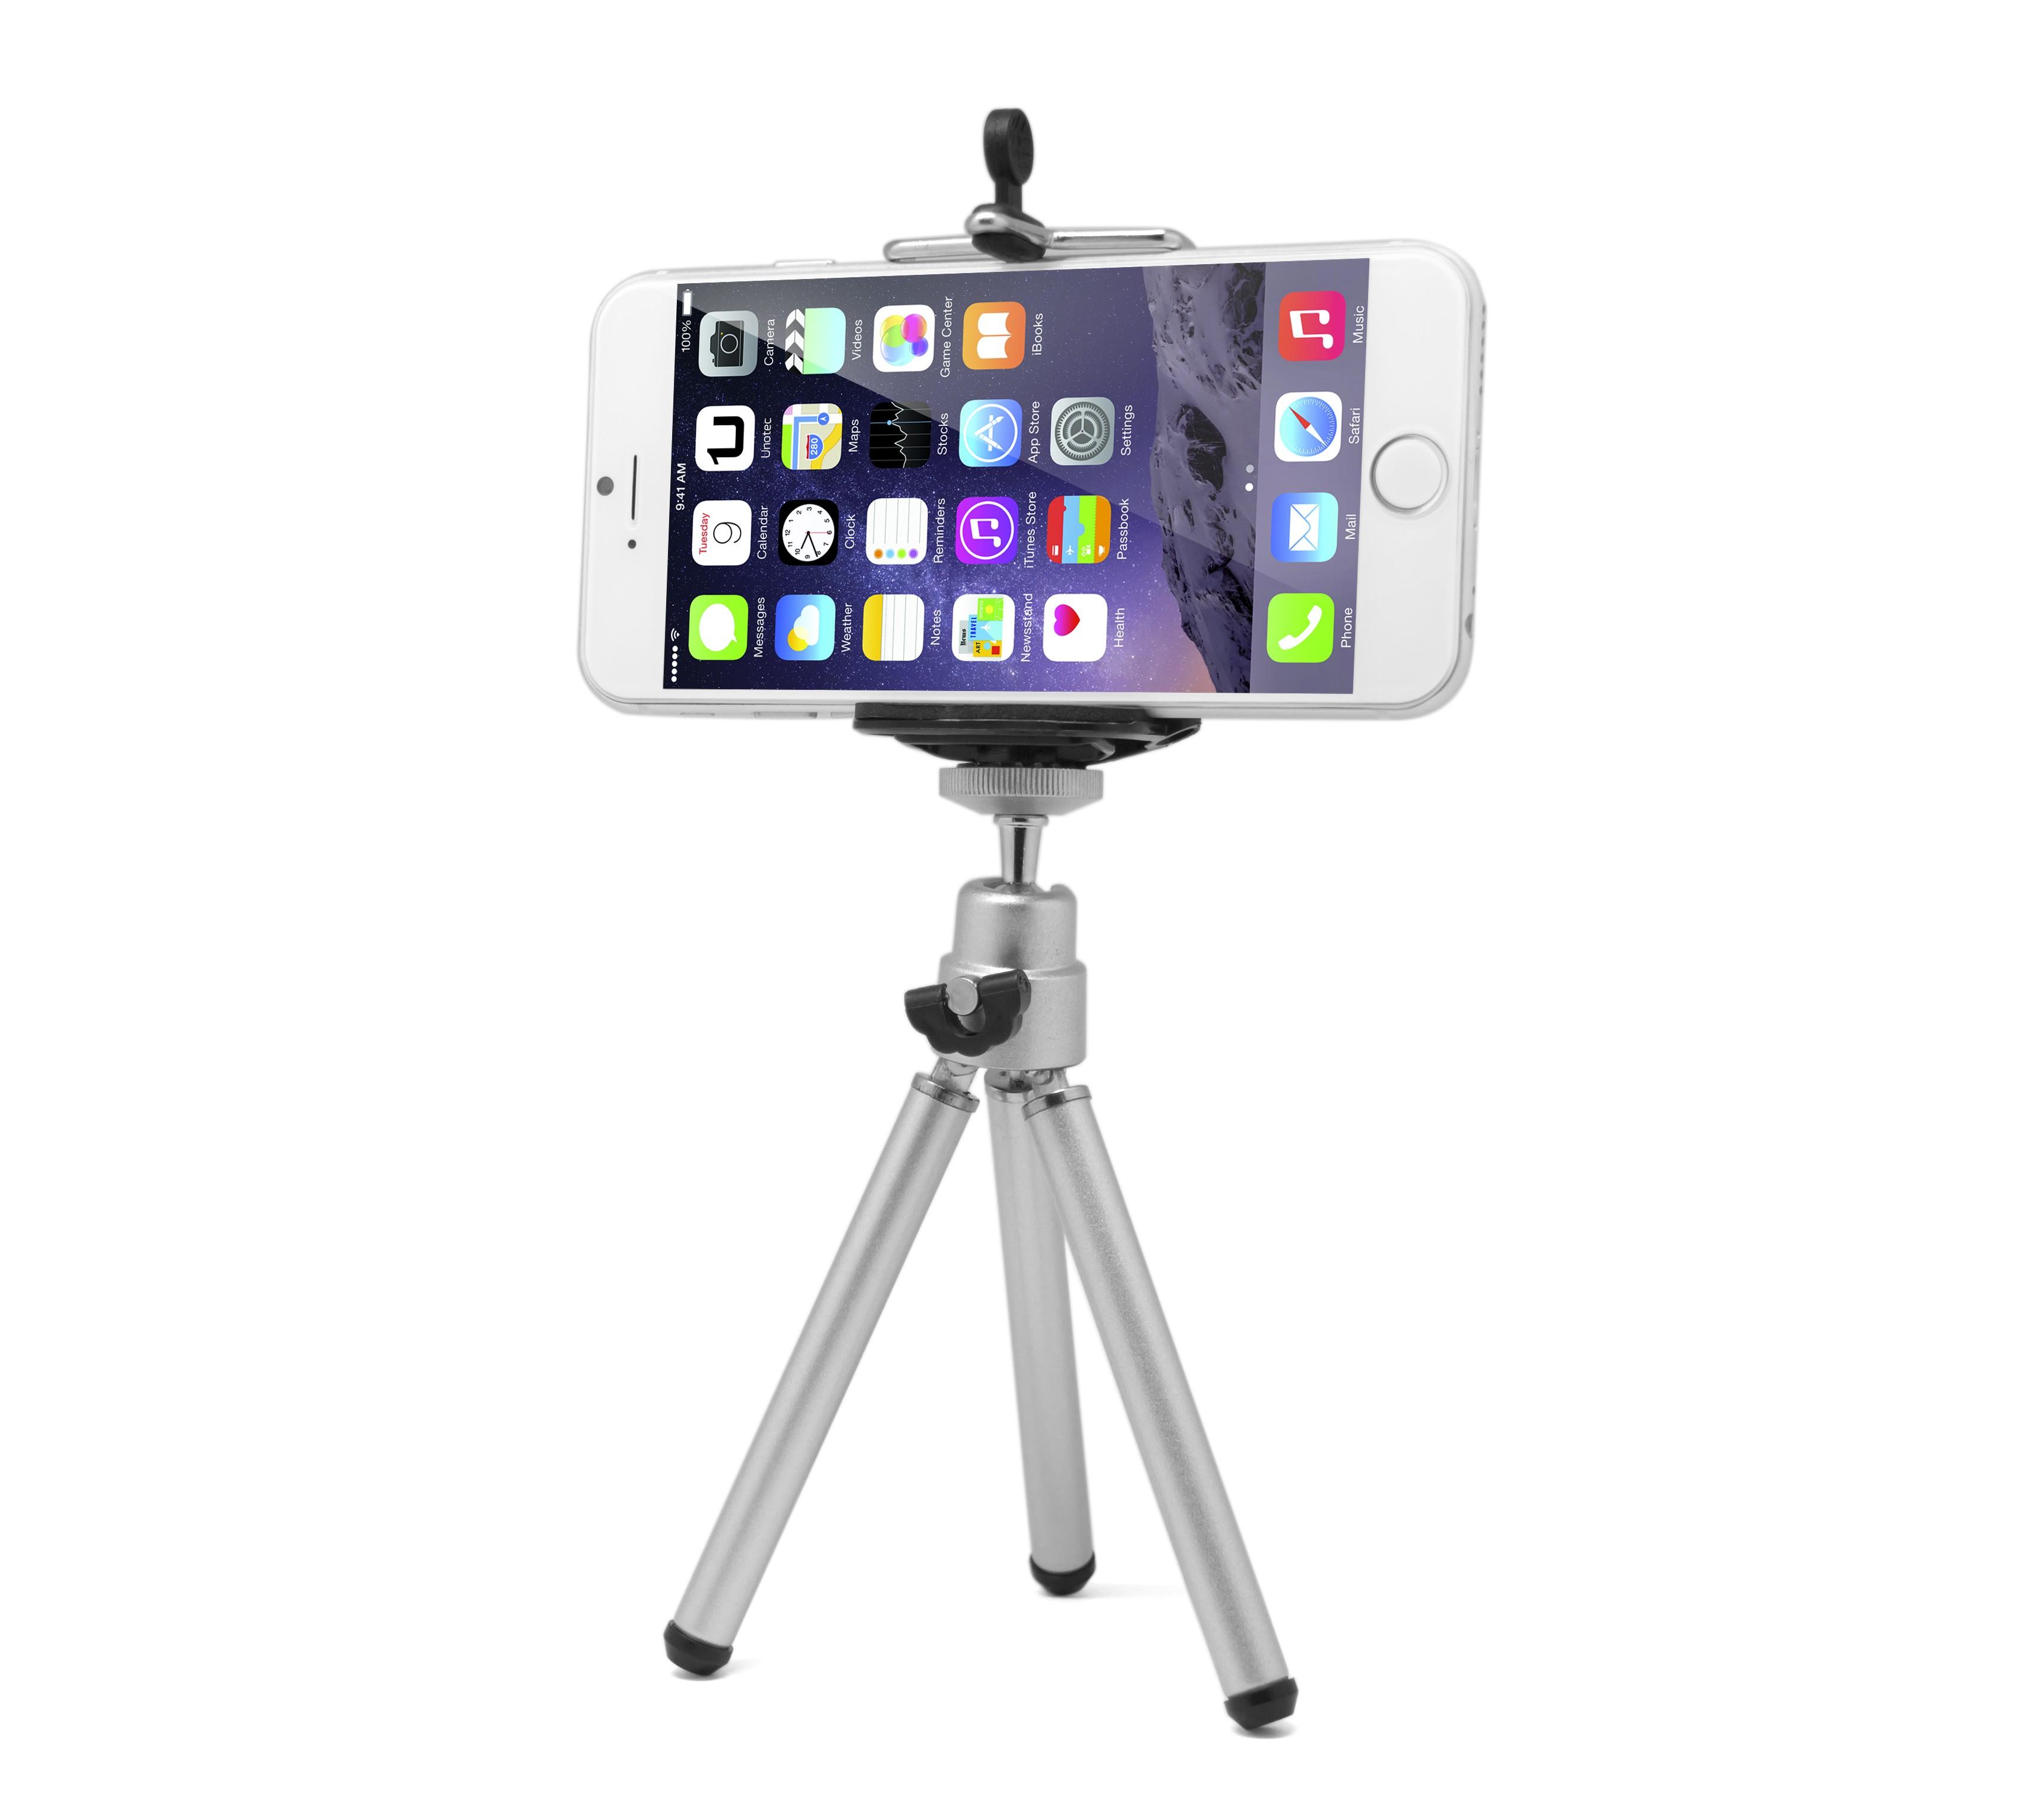 Soporte tr pode universal para smartphone pccomponentes for Accesorios para smartphone